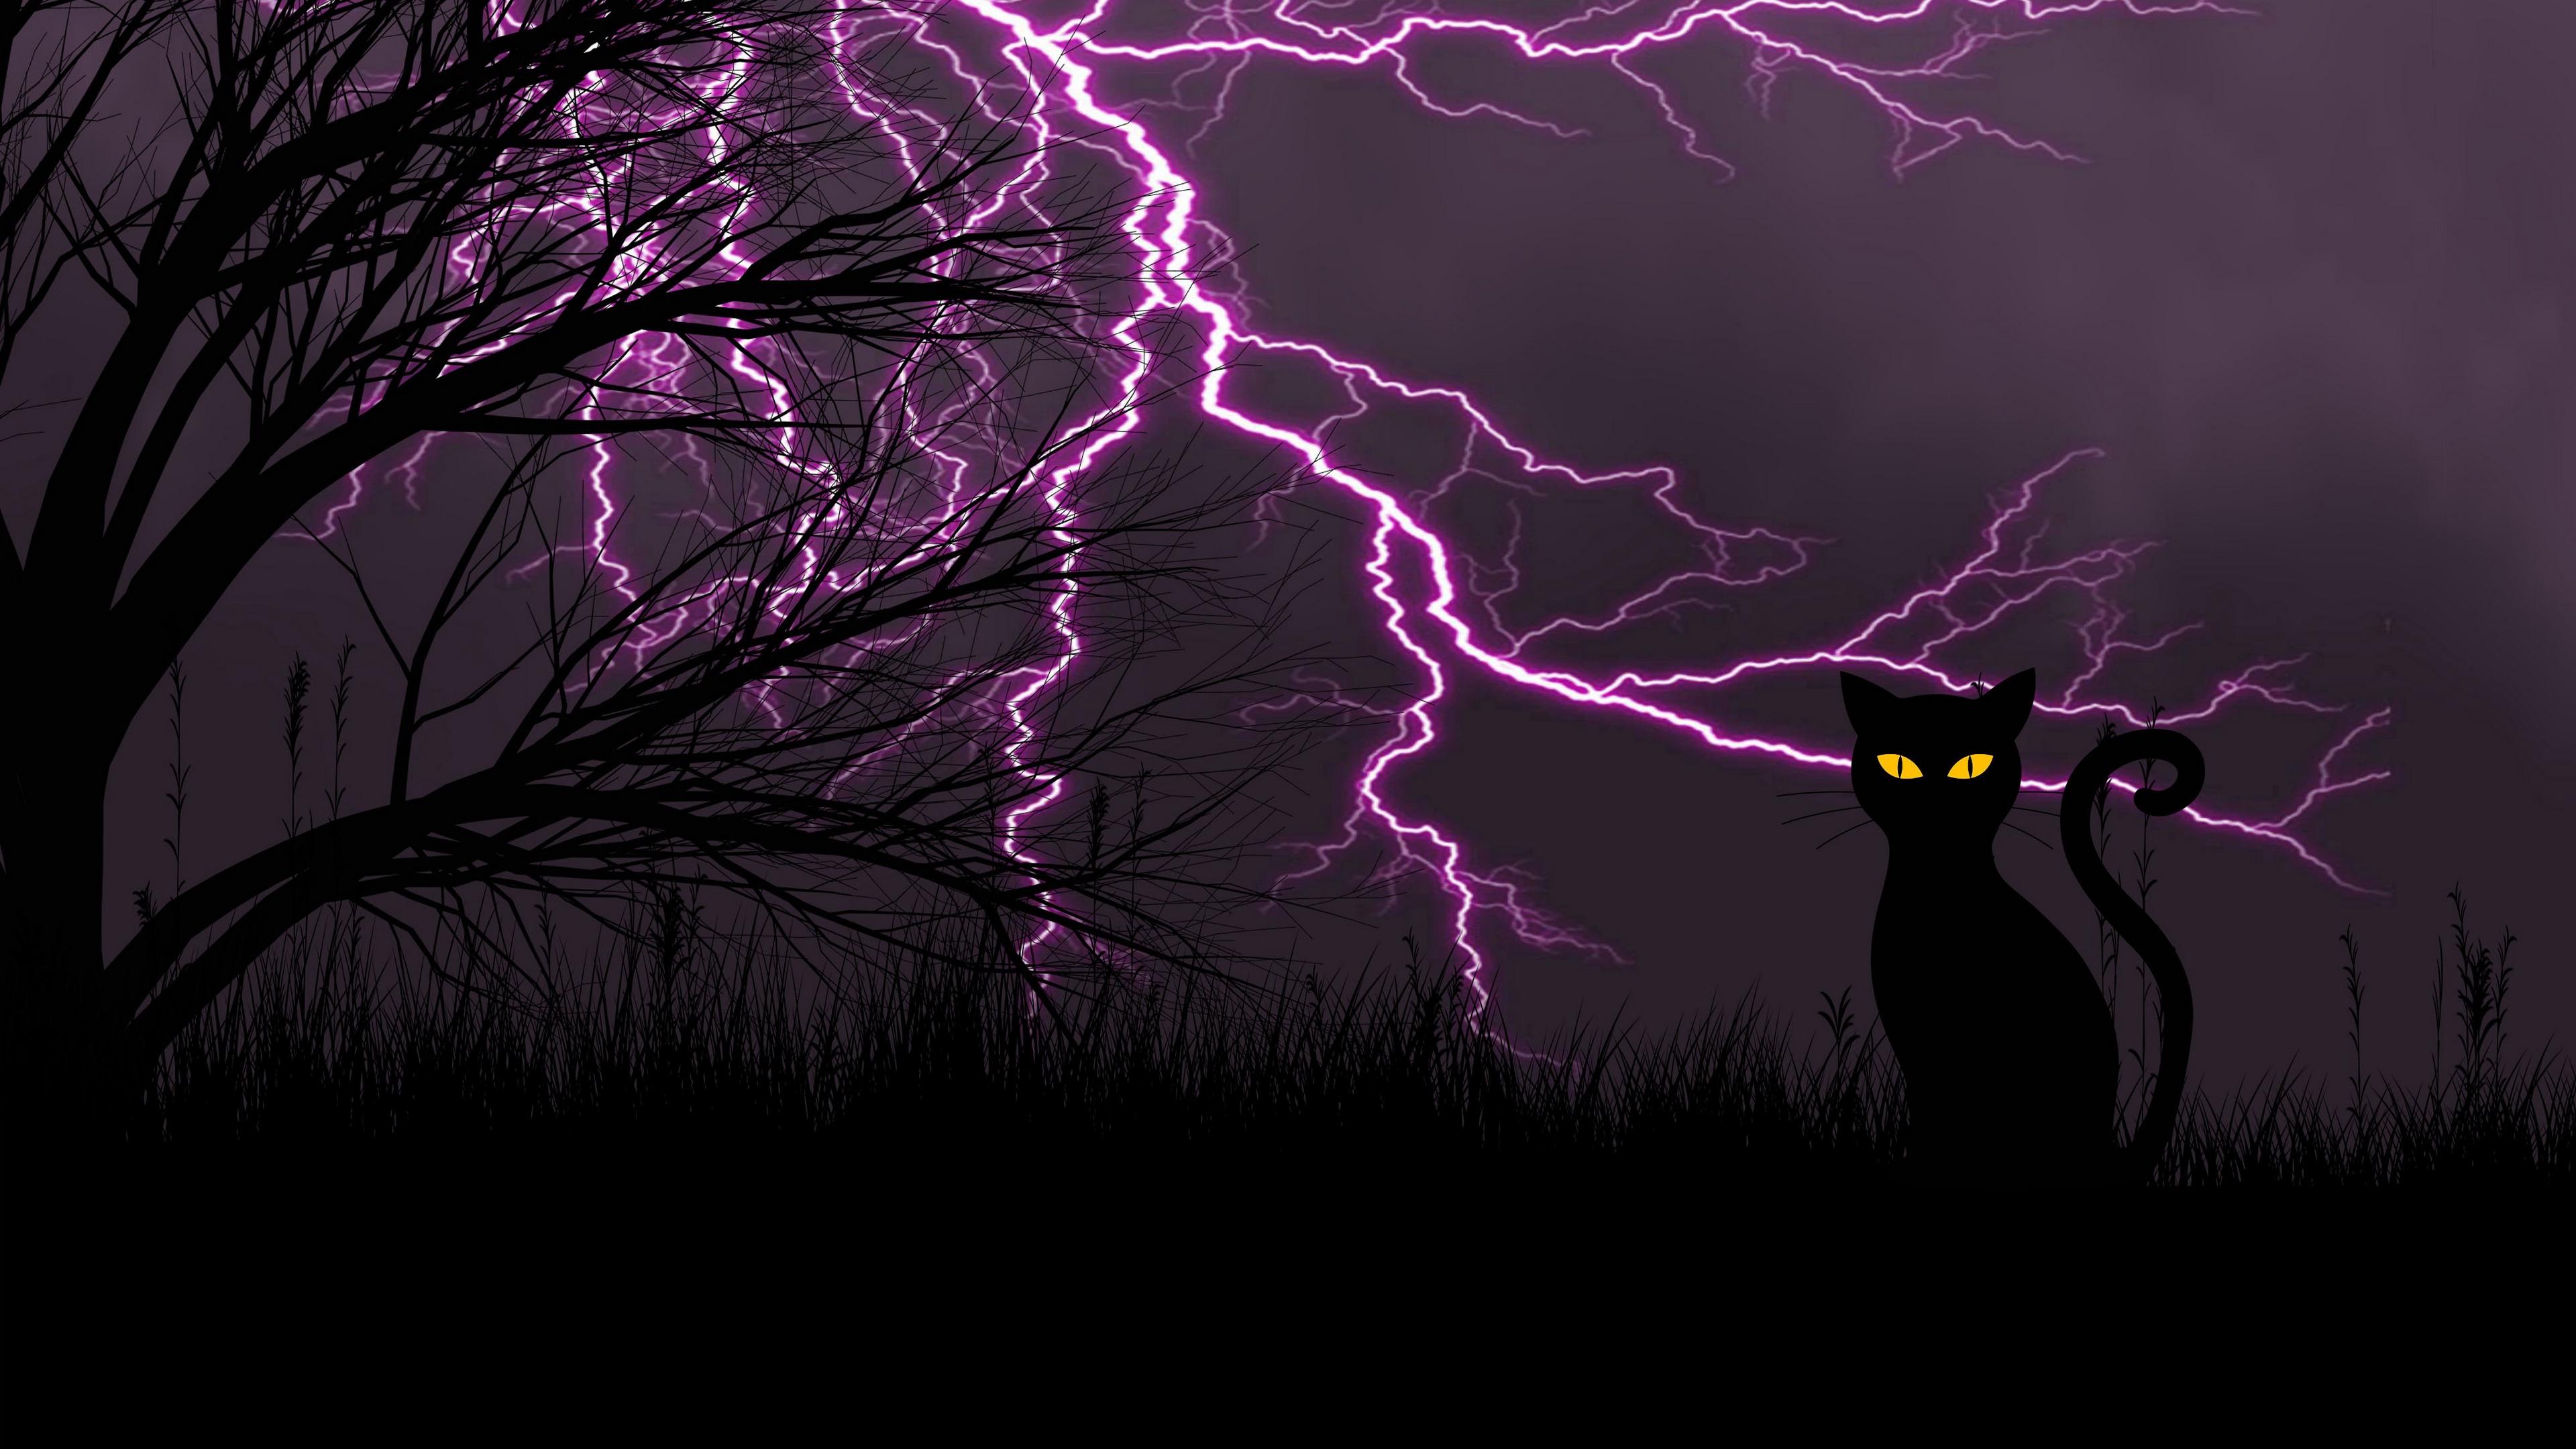 black cat lightning art grass night 4k 1541971587 - black cat, lightning, art, grass, night 4k - Lightning, black cat, art